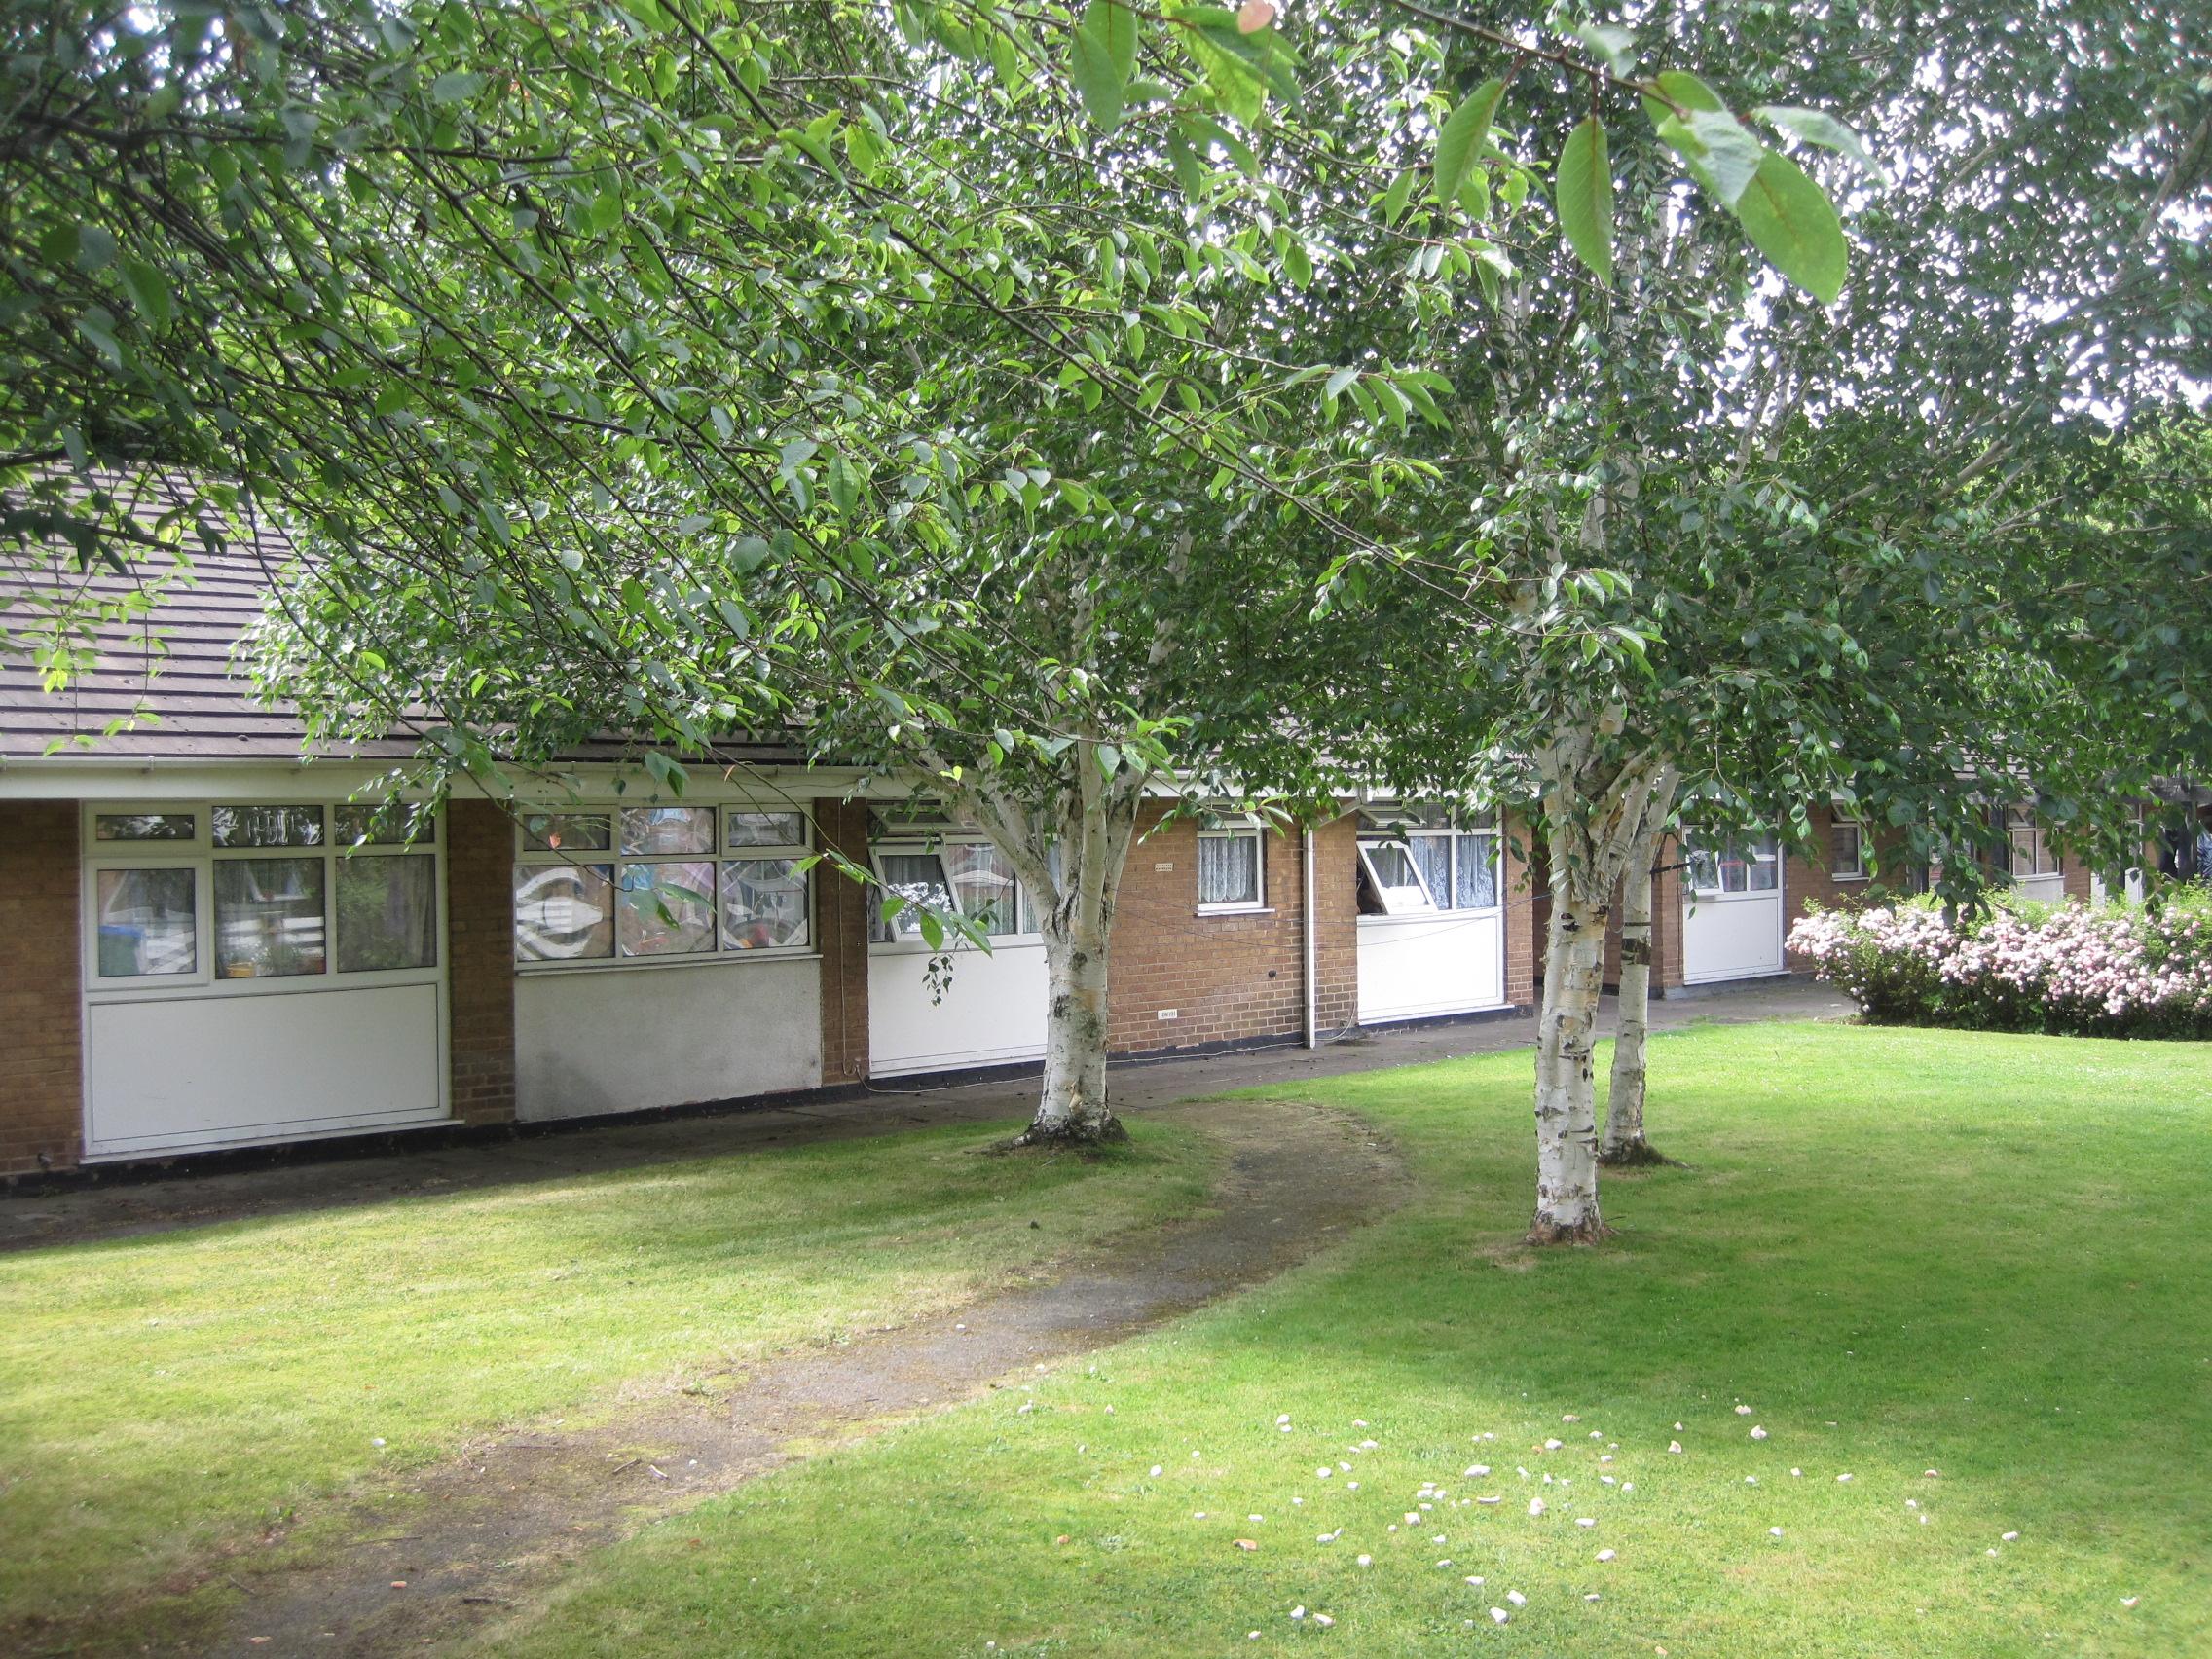 18 Salisbury house, Lily street, West Bromwich,  B71 1QD